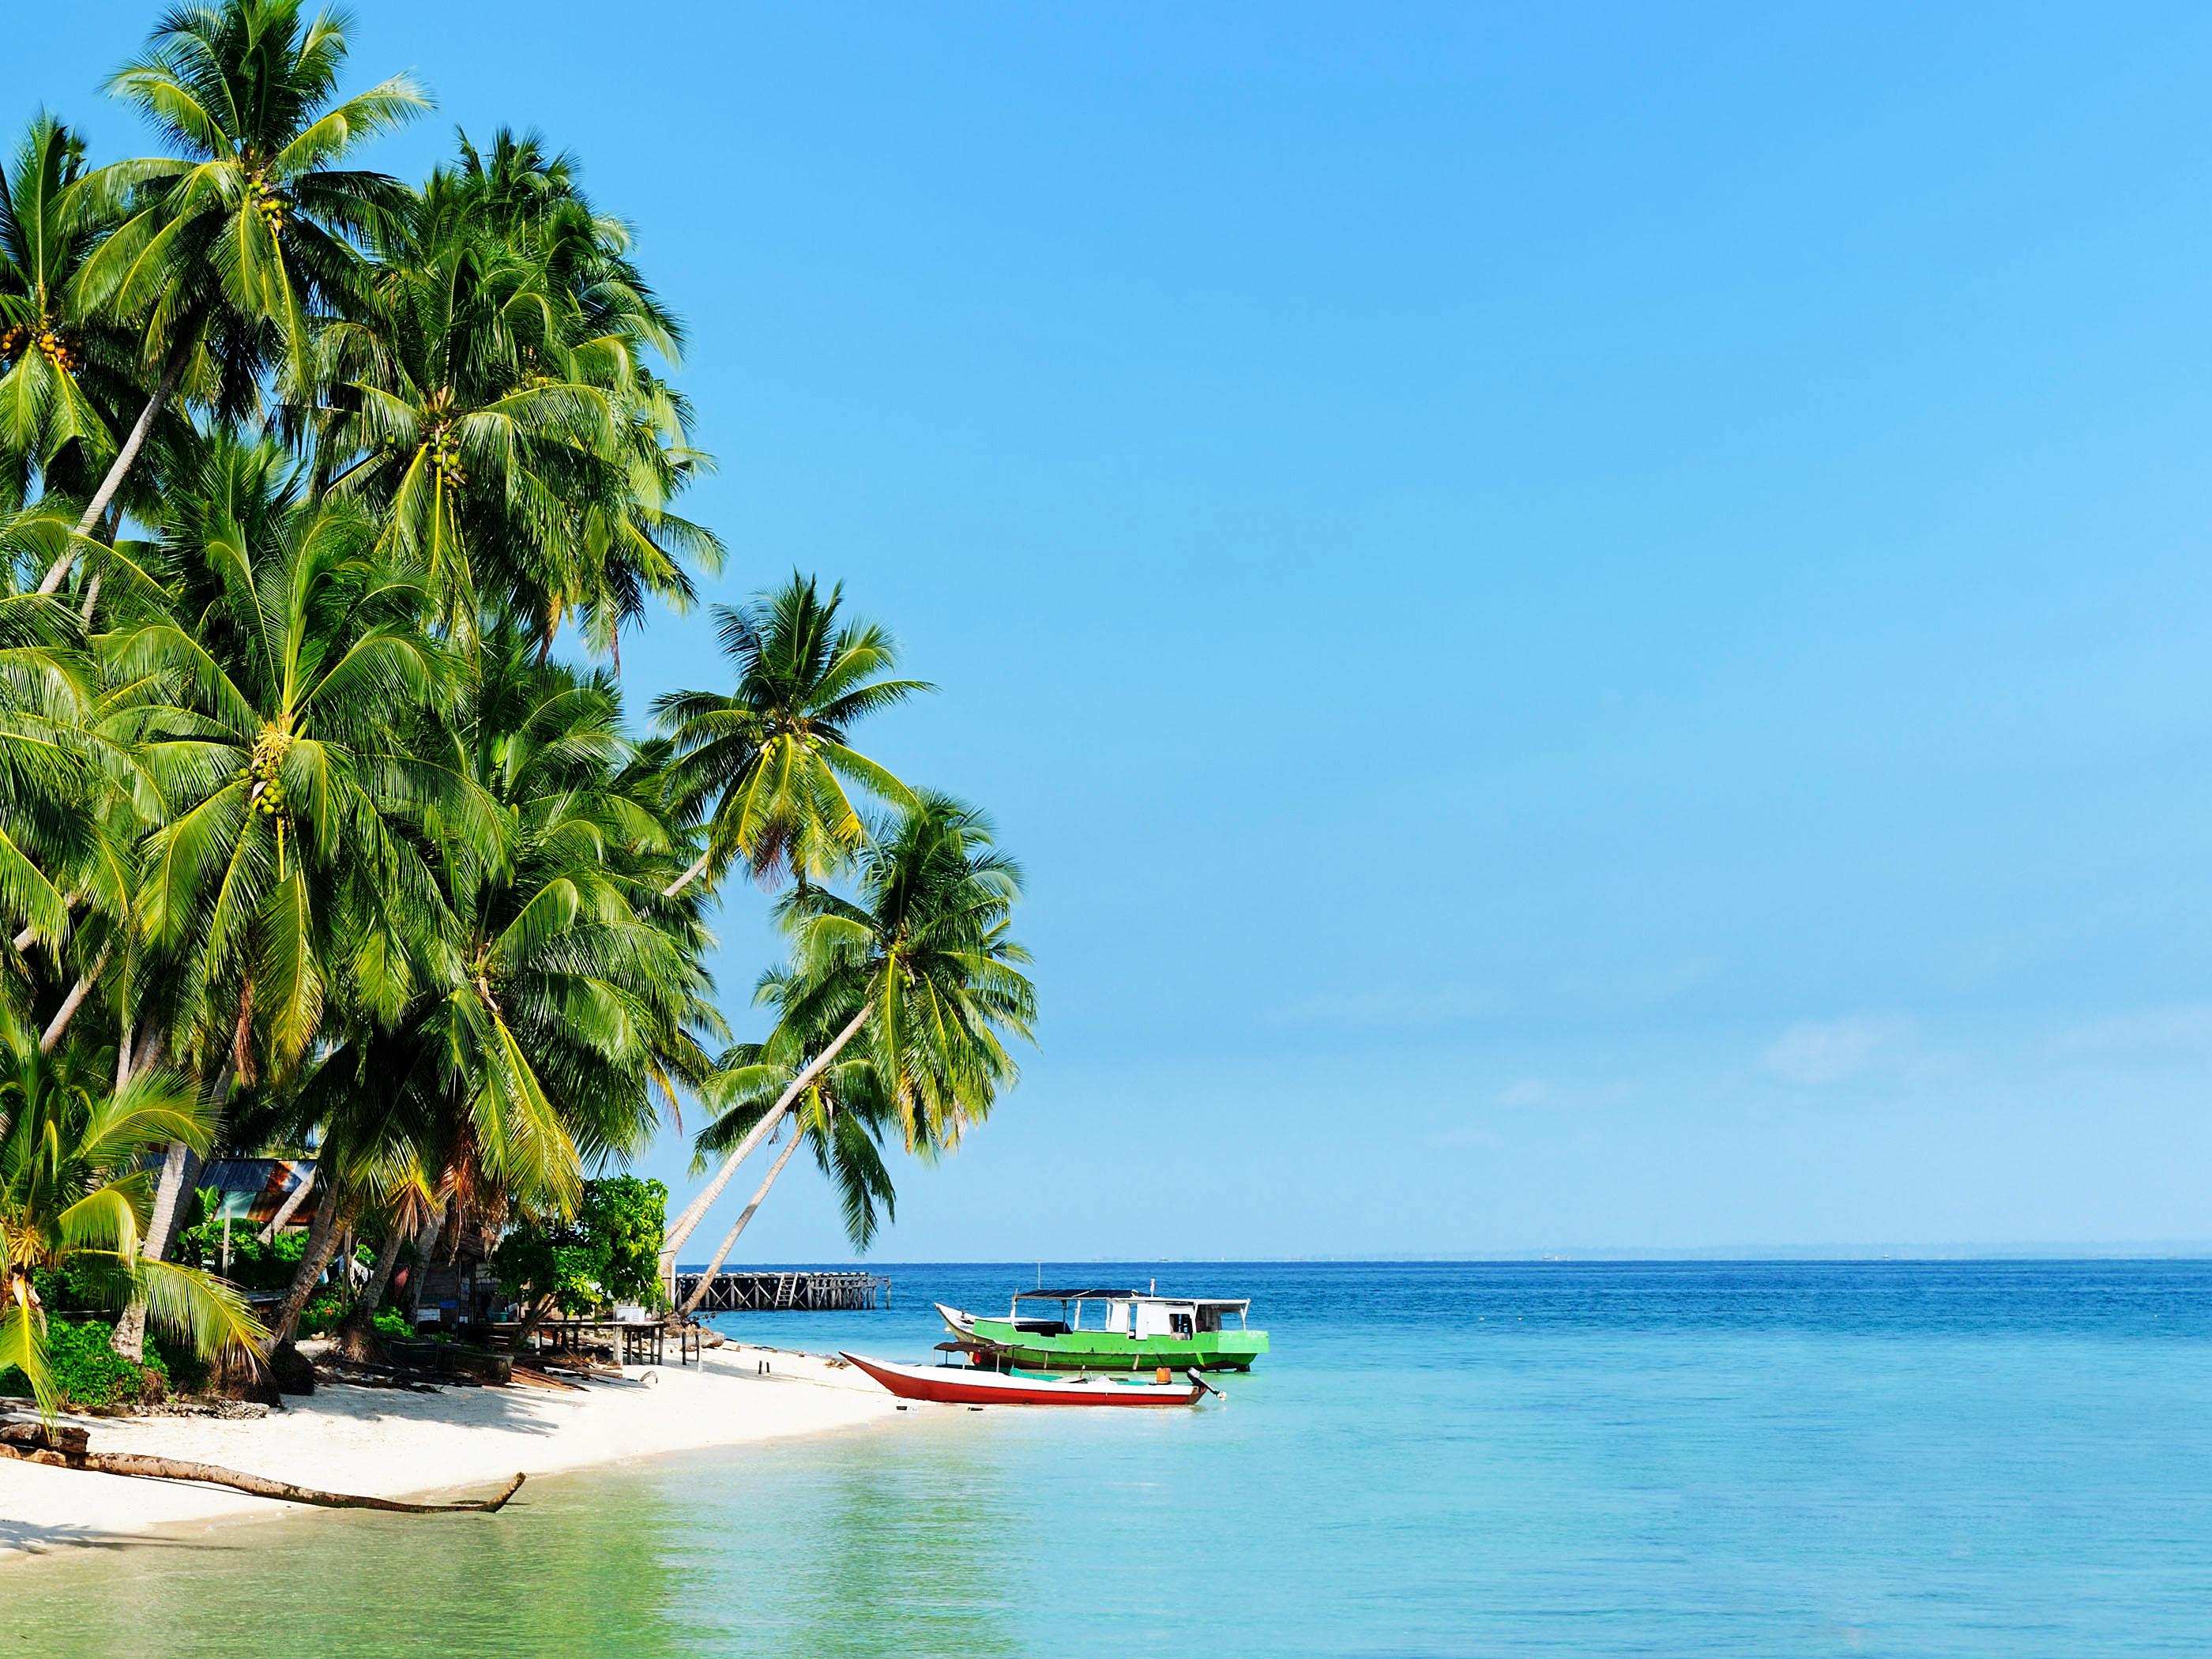 Sandy Beach Wallpaper: White Sandy Beach Of The Derawan Islands Wallpaper